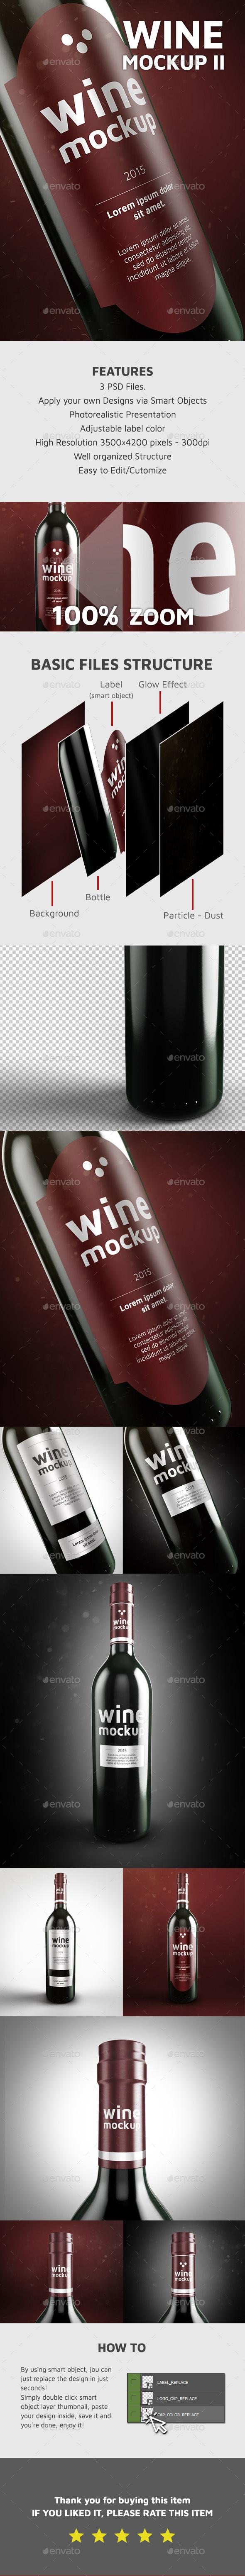 Wine Mockup II - Food and Drink Packaging